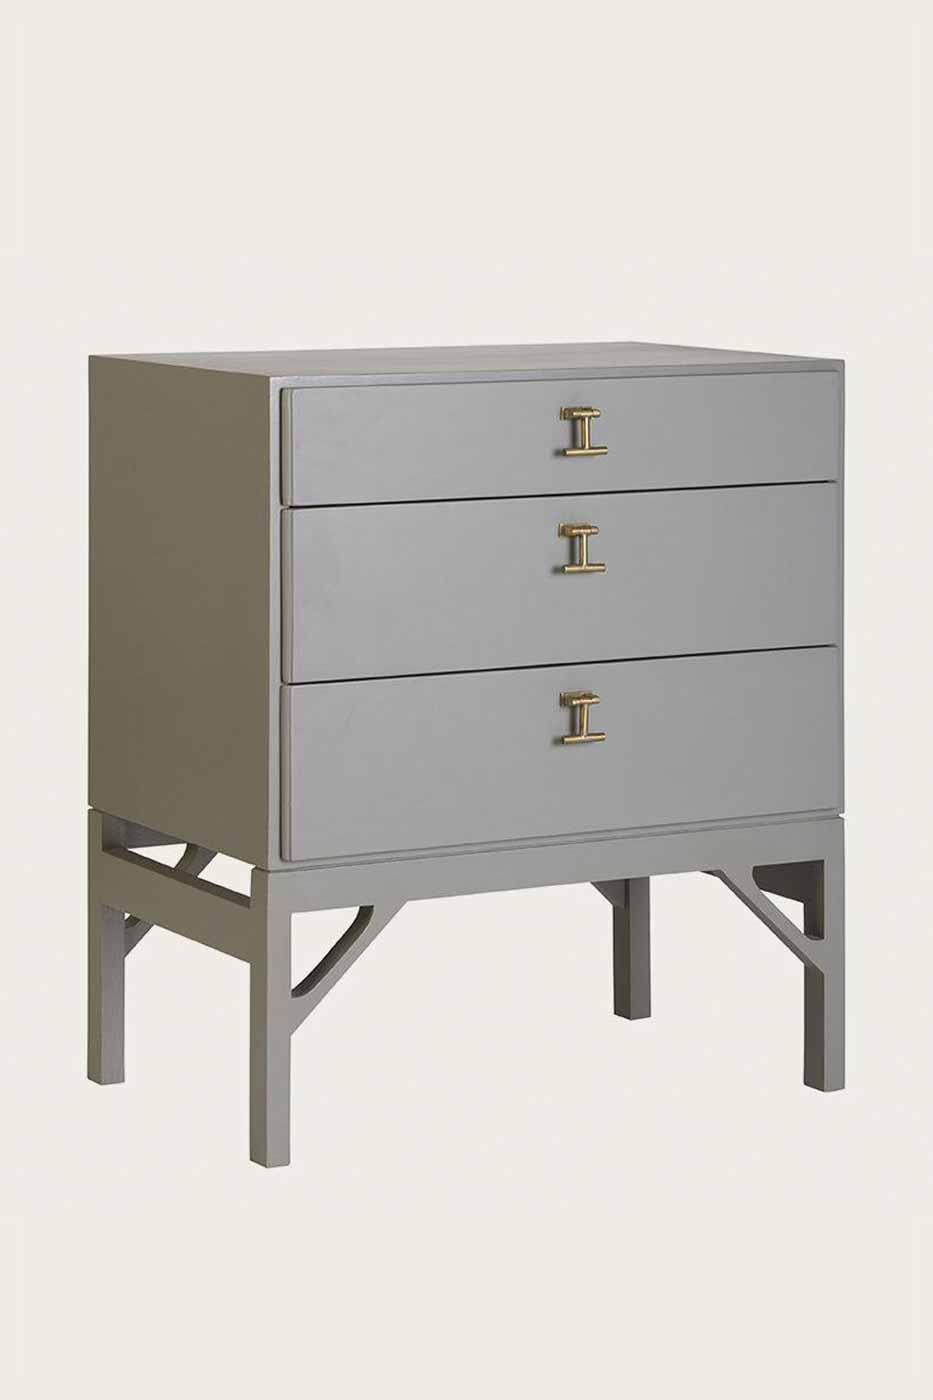 Sängbord MID053A 72x62x43 cm